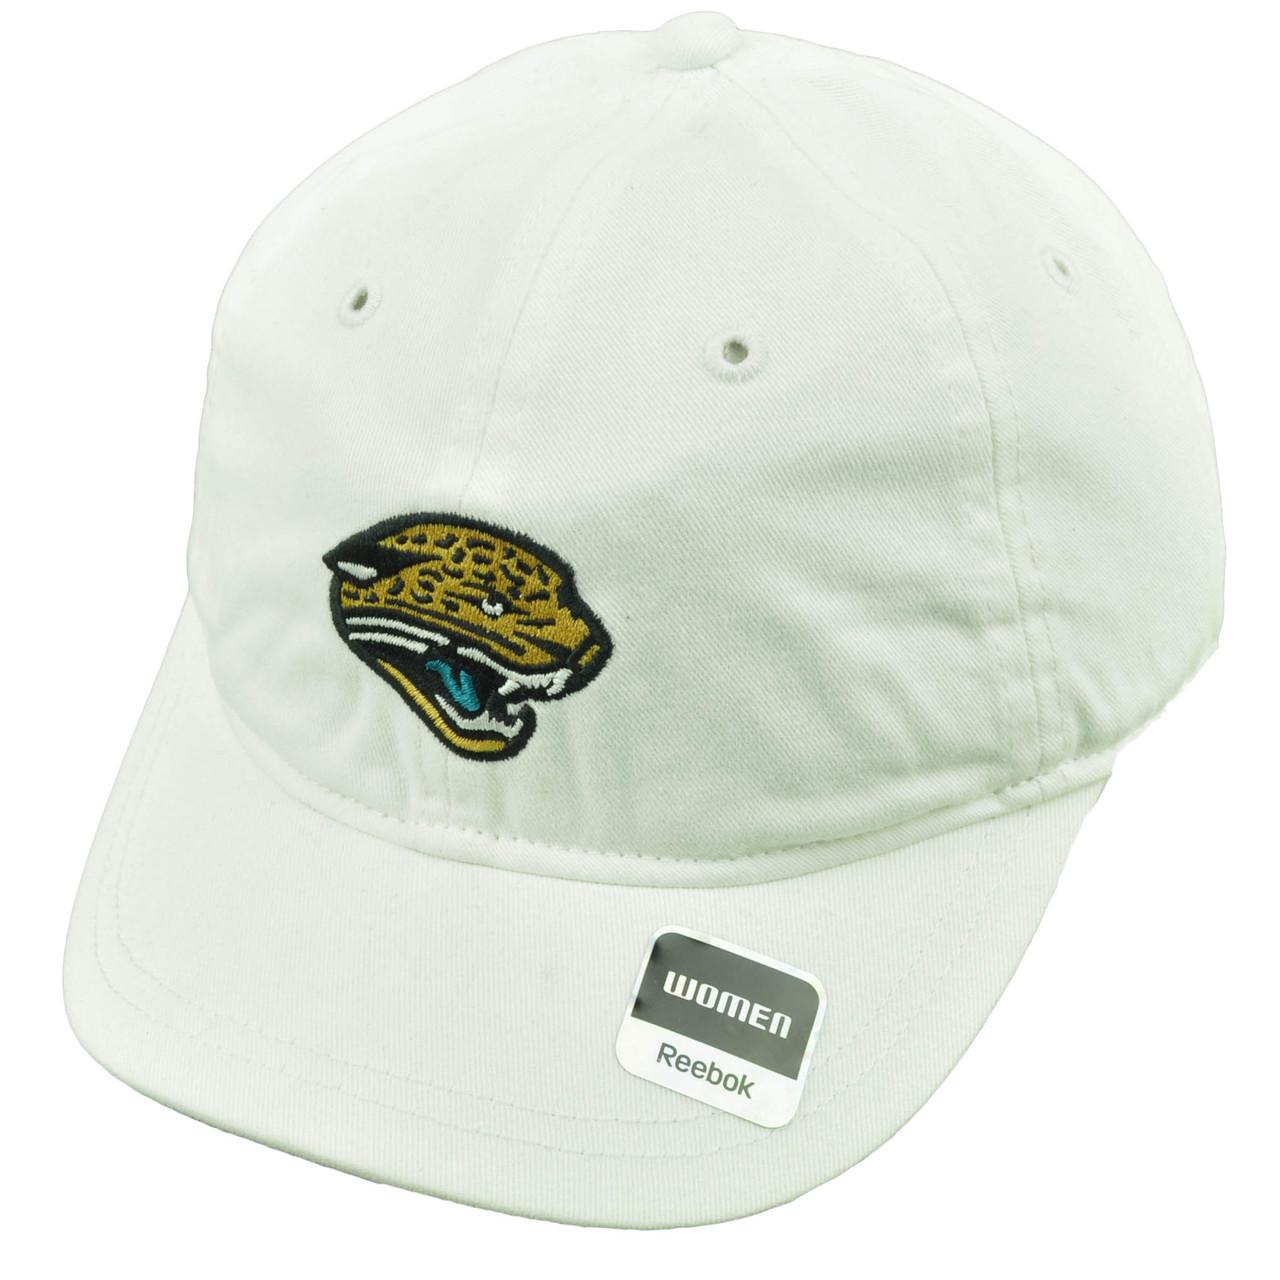 Jacksonville Jaguars Womens Hat Cap White Plaid Dots Under Visor ... 2de991f91aad